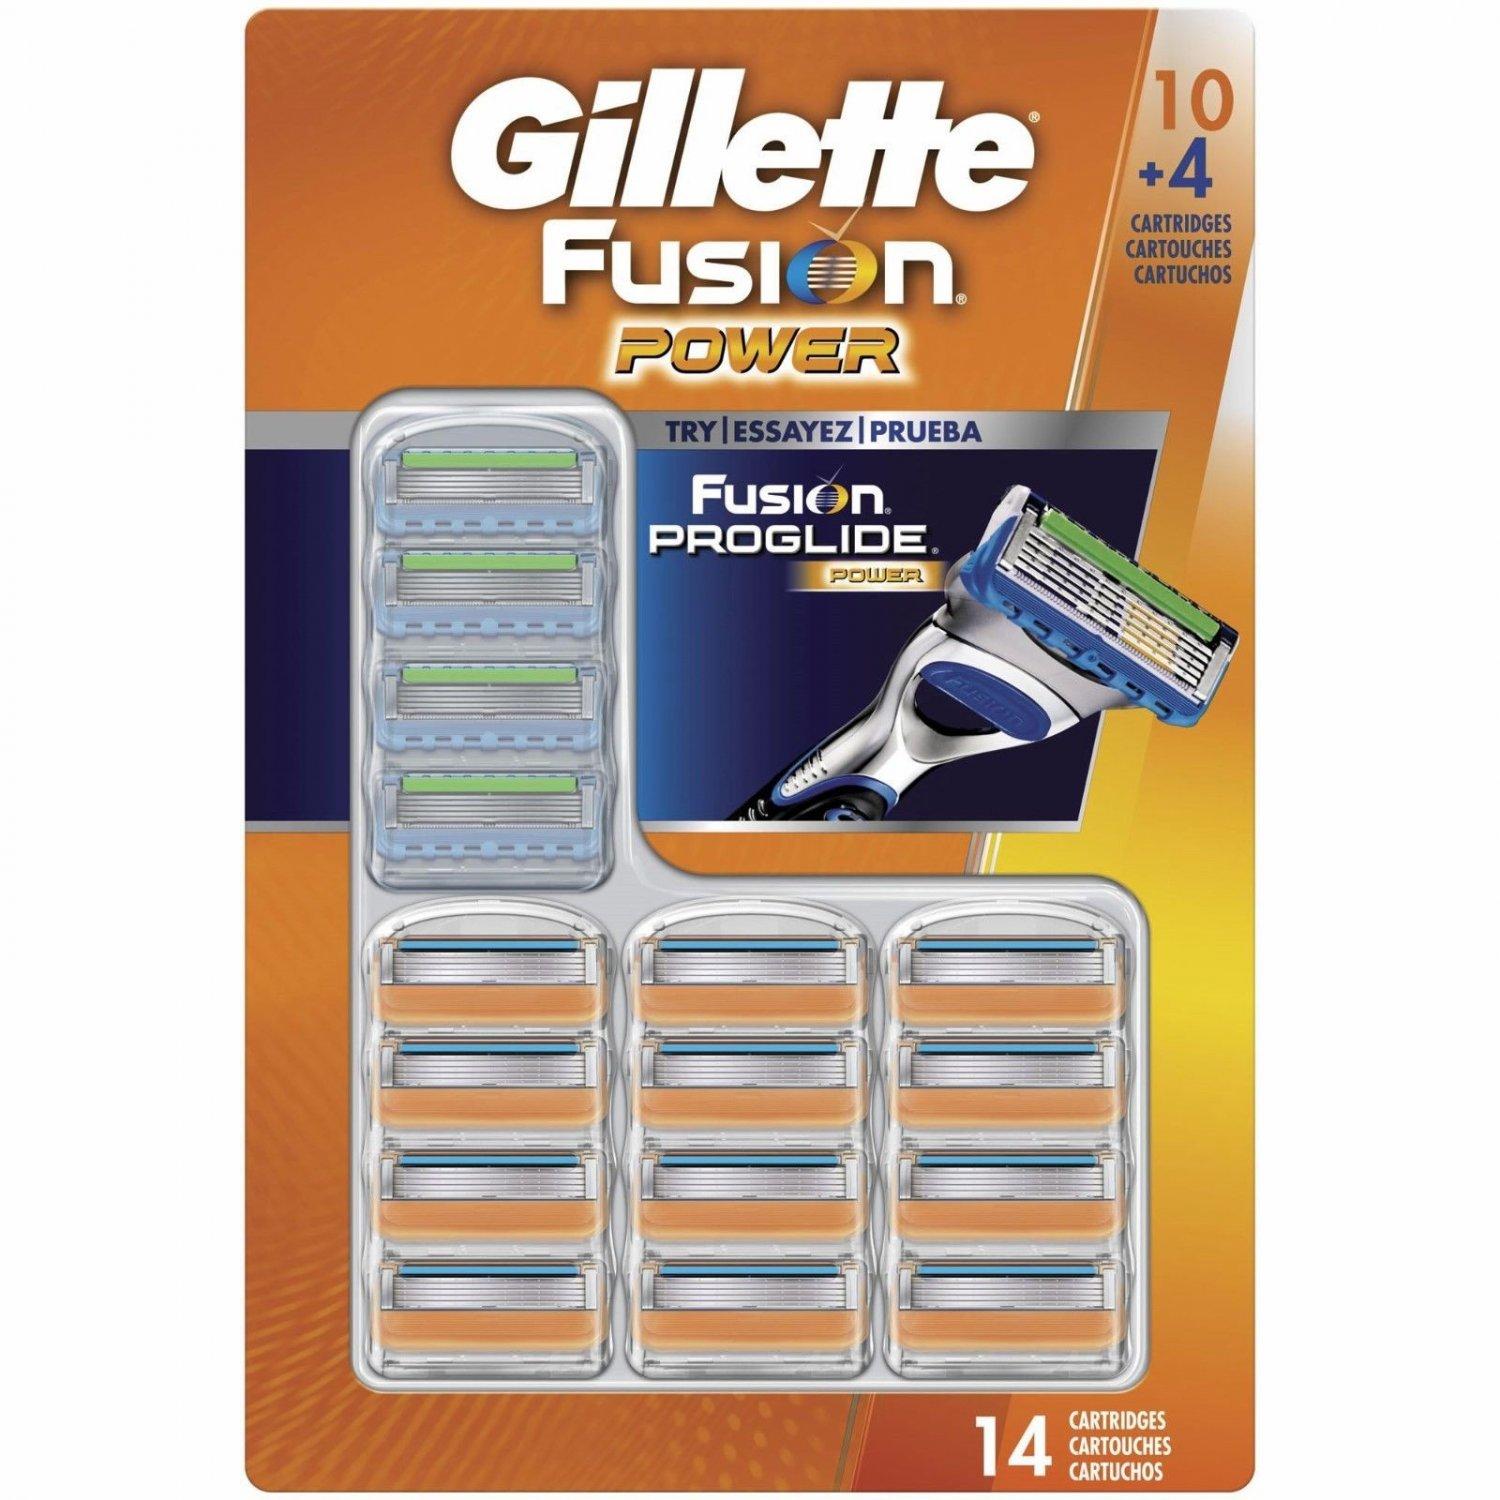 Gillette Fusion Power Razor Blade Refills, 10 ct. Plus Fusion Proglide Power